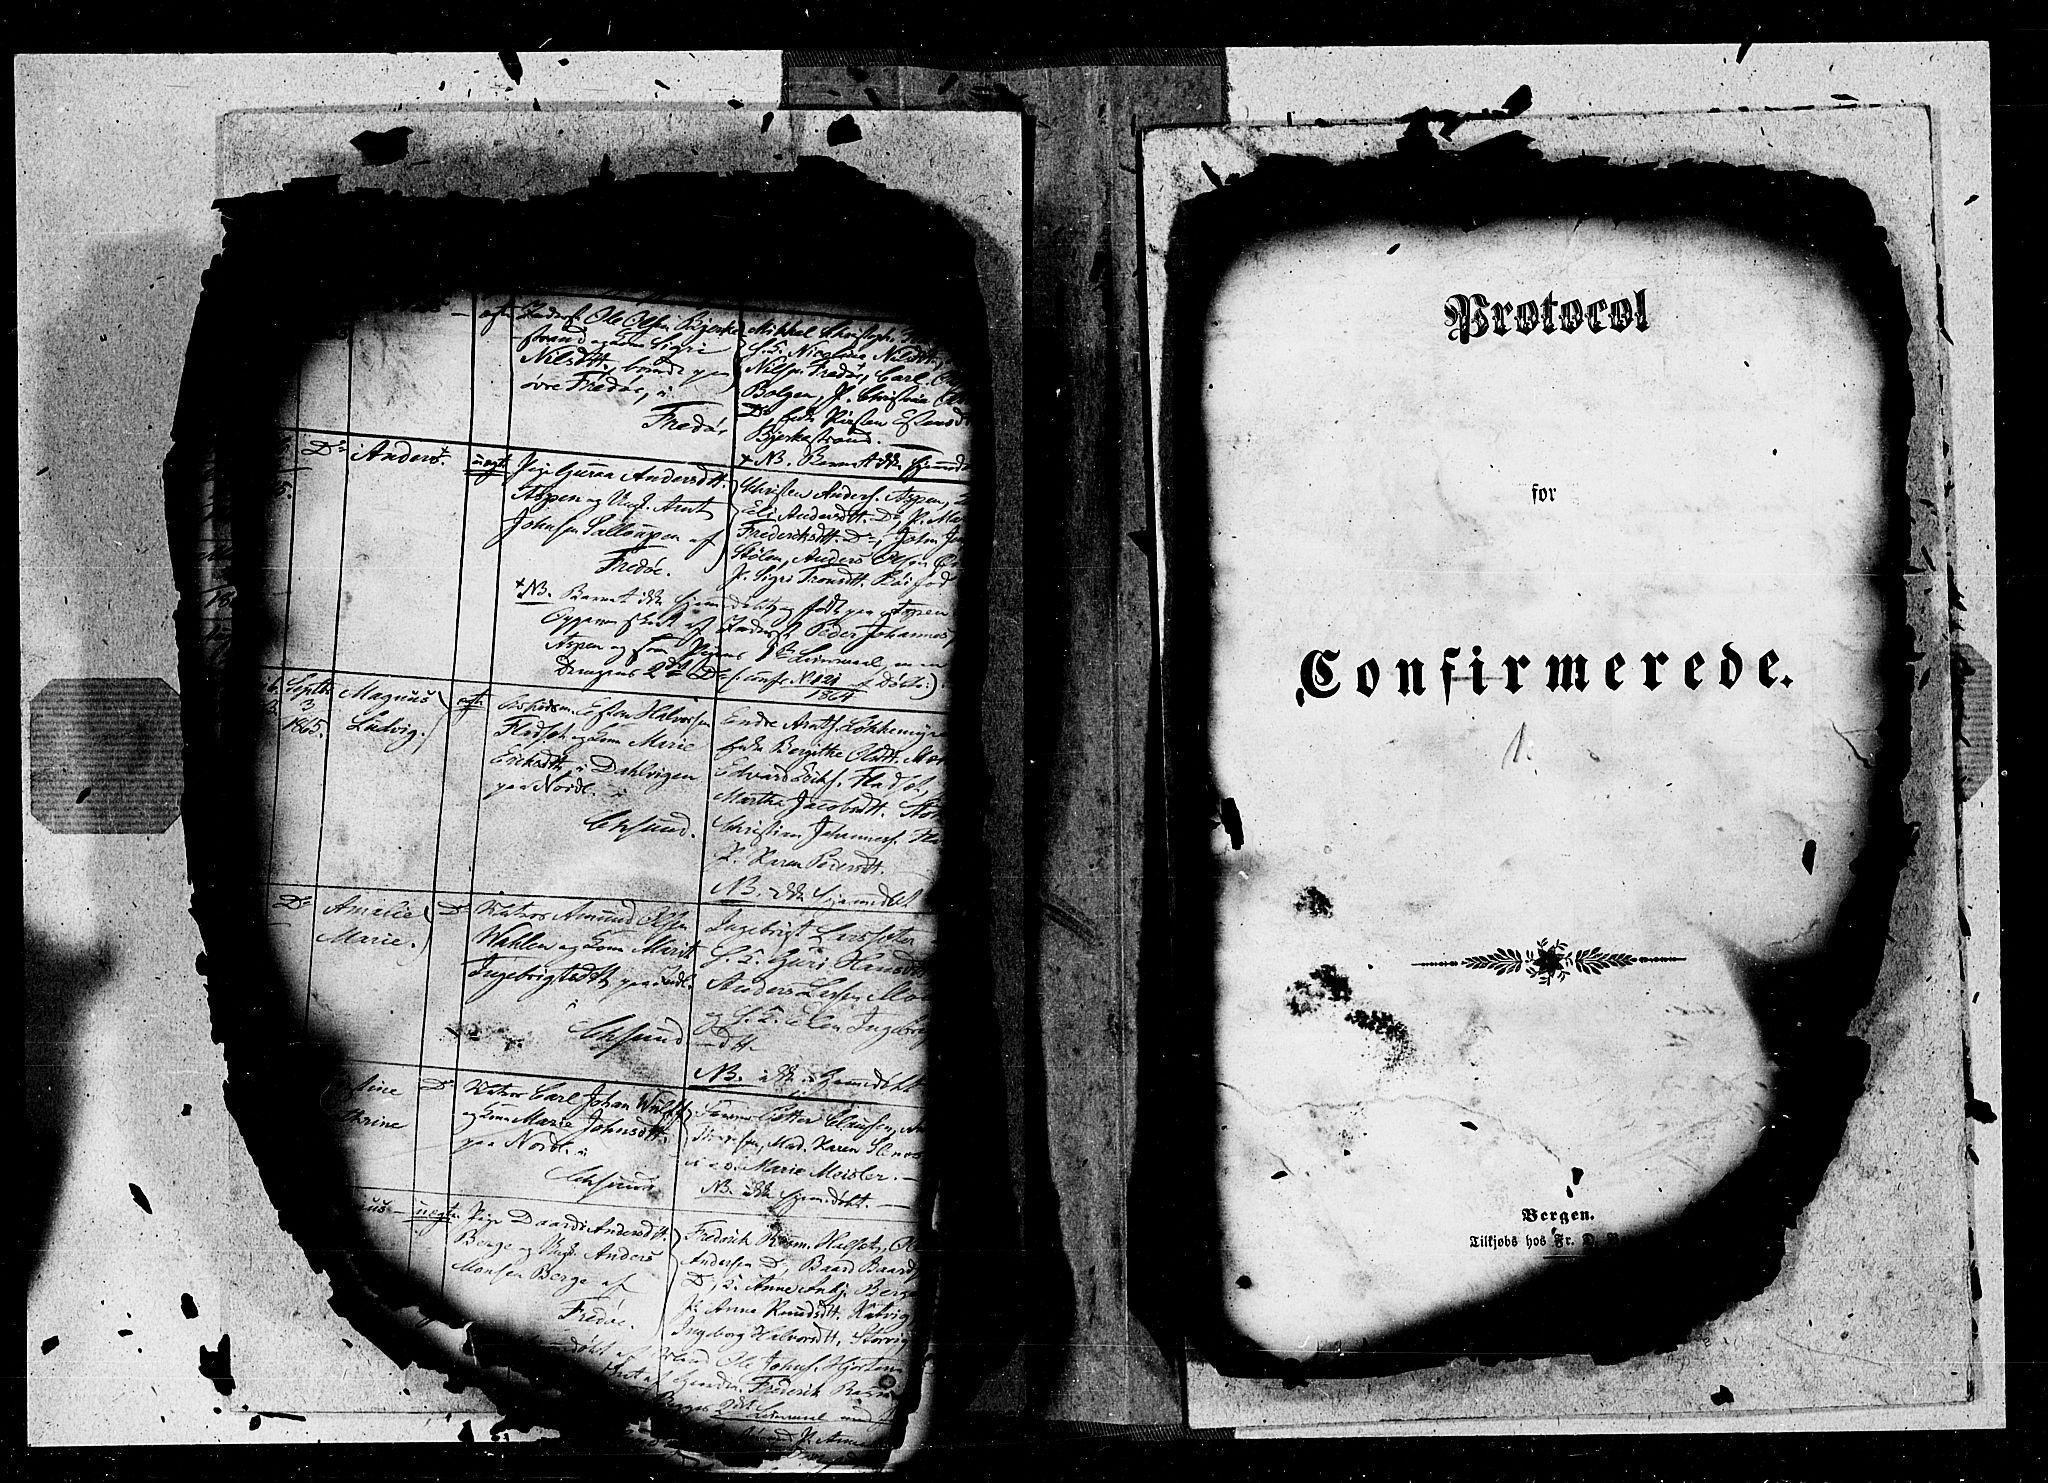 SAT, Ministerialprotokoller, klokkerbøker og fødselsregistre - Møre og Romsdal, 572/L0846: Ministerialbok nr. 572A09, 1855-1865, s. 1